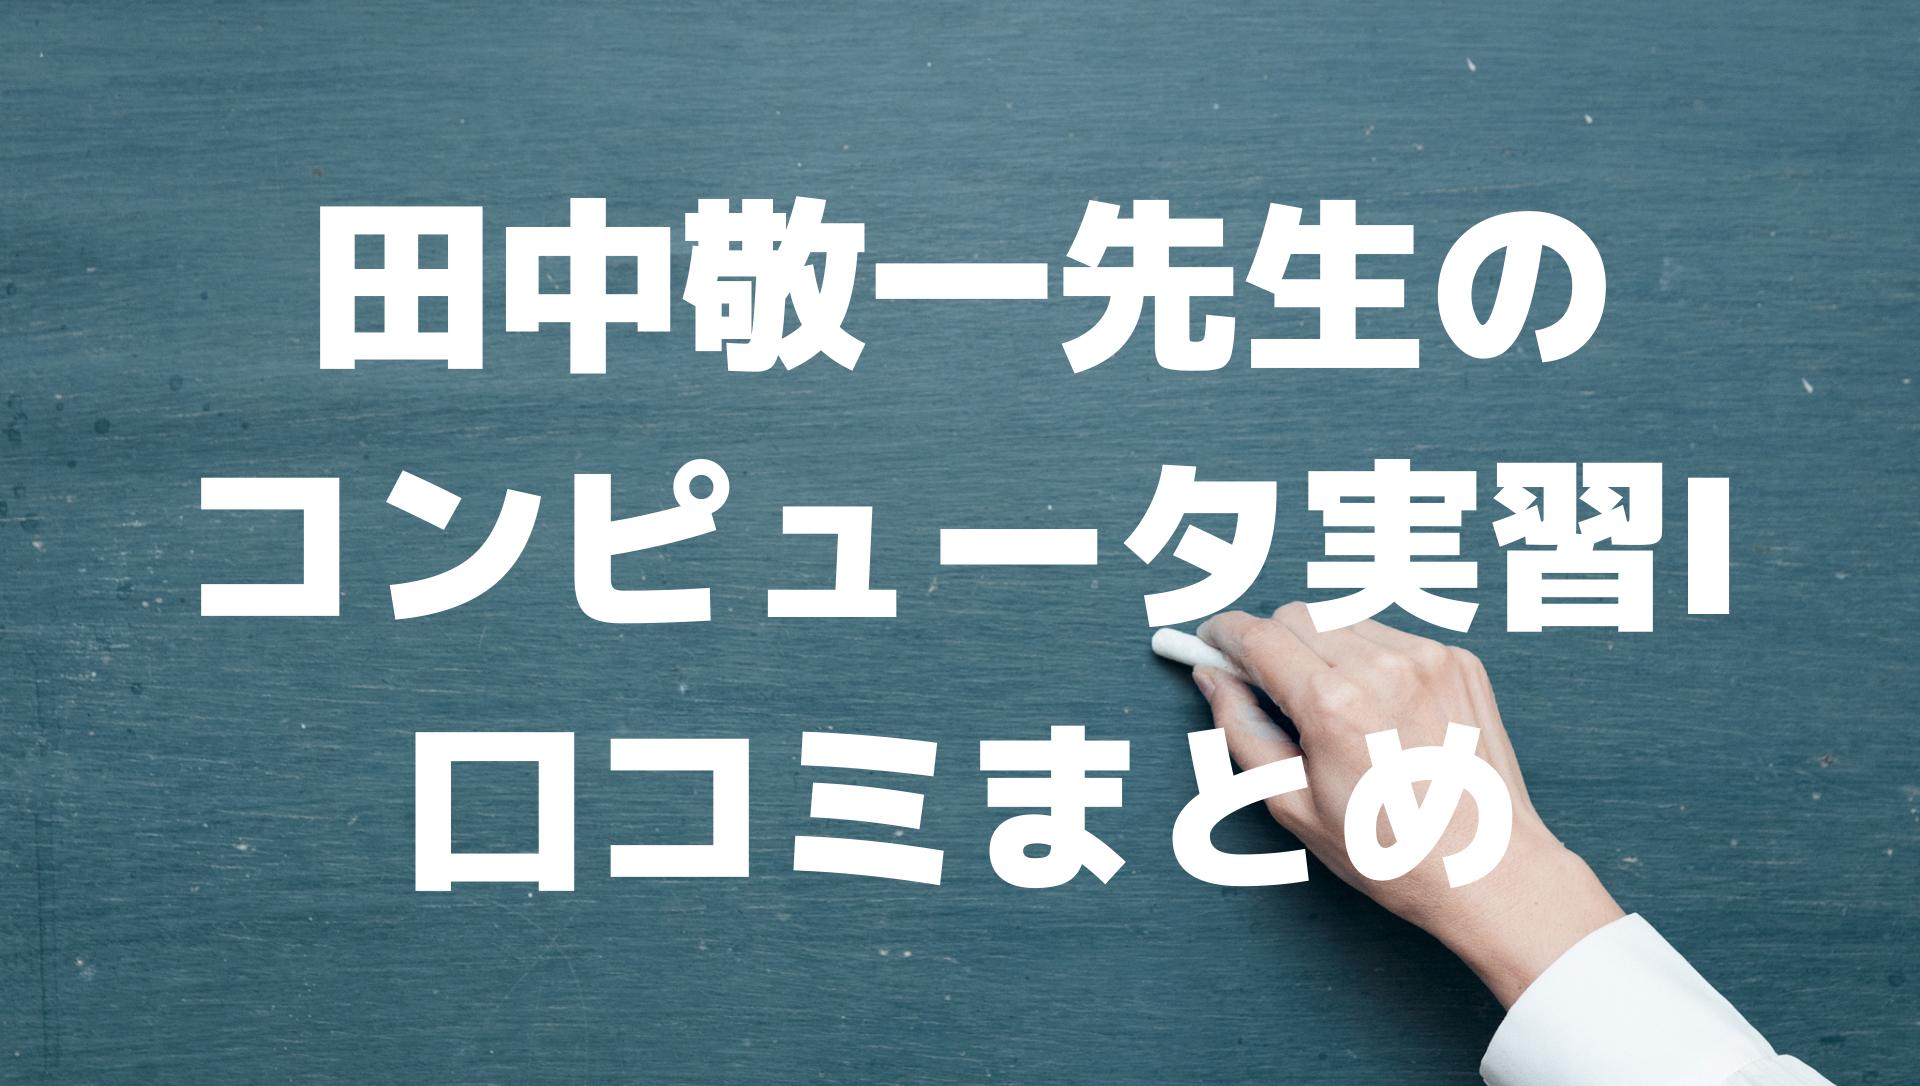 田中敬一先生のコンピュータ実習I